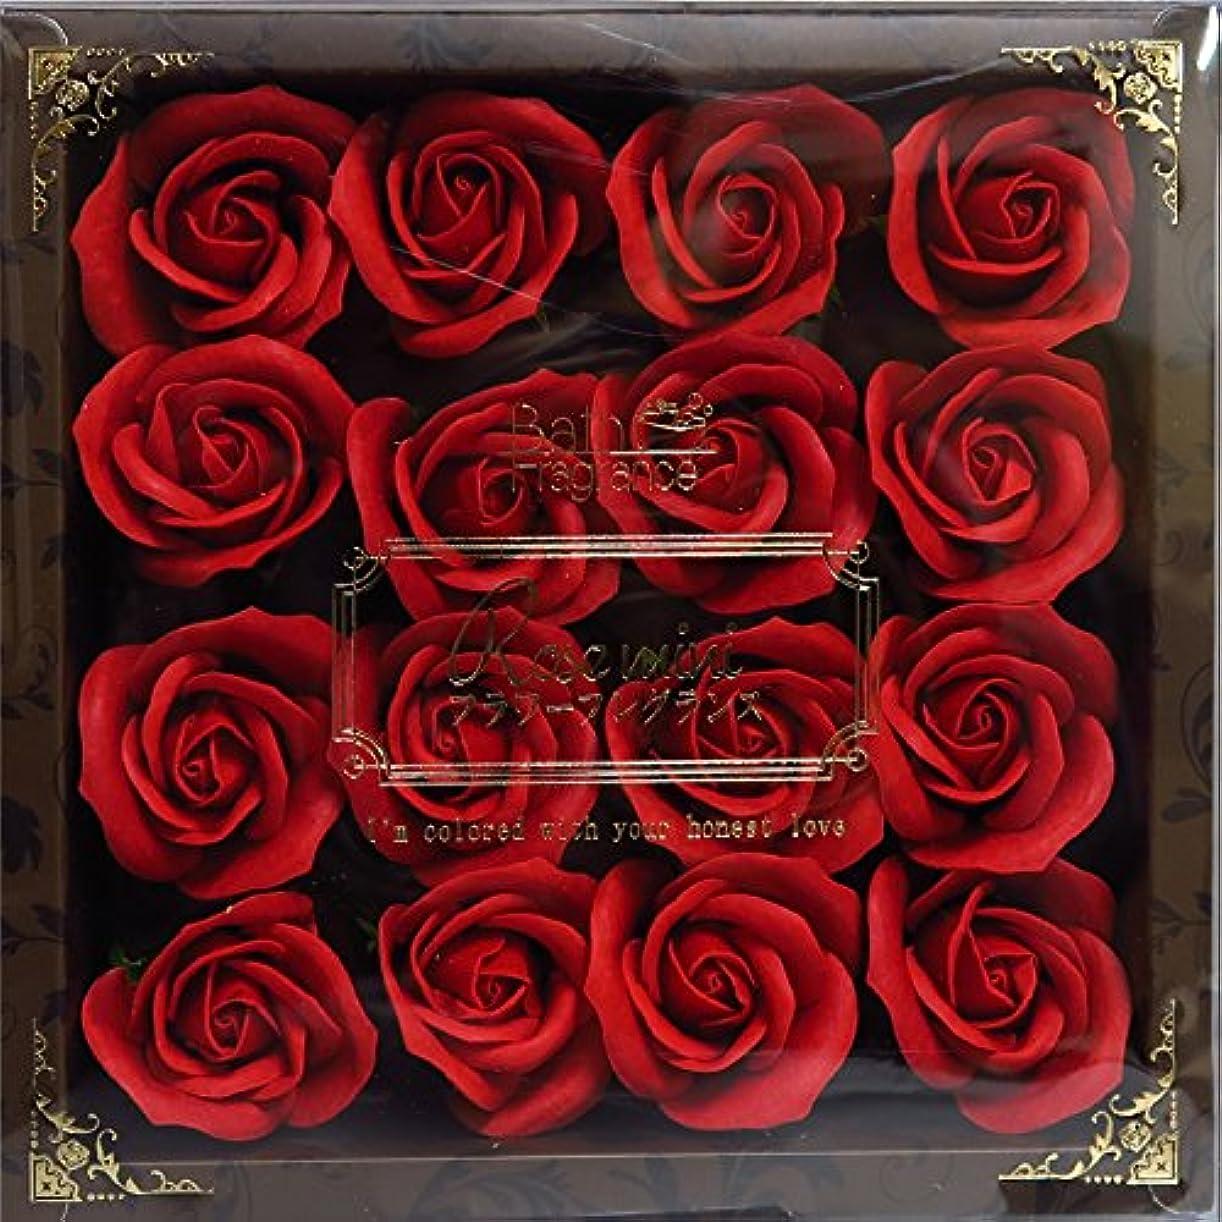 何よりもお金ゴム抑圧者バスフレグランス バスフラワー ミニローズフレグランス(M)レッド ギフト お花の形の入浴剤 プレゼント ばら